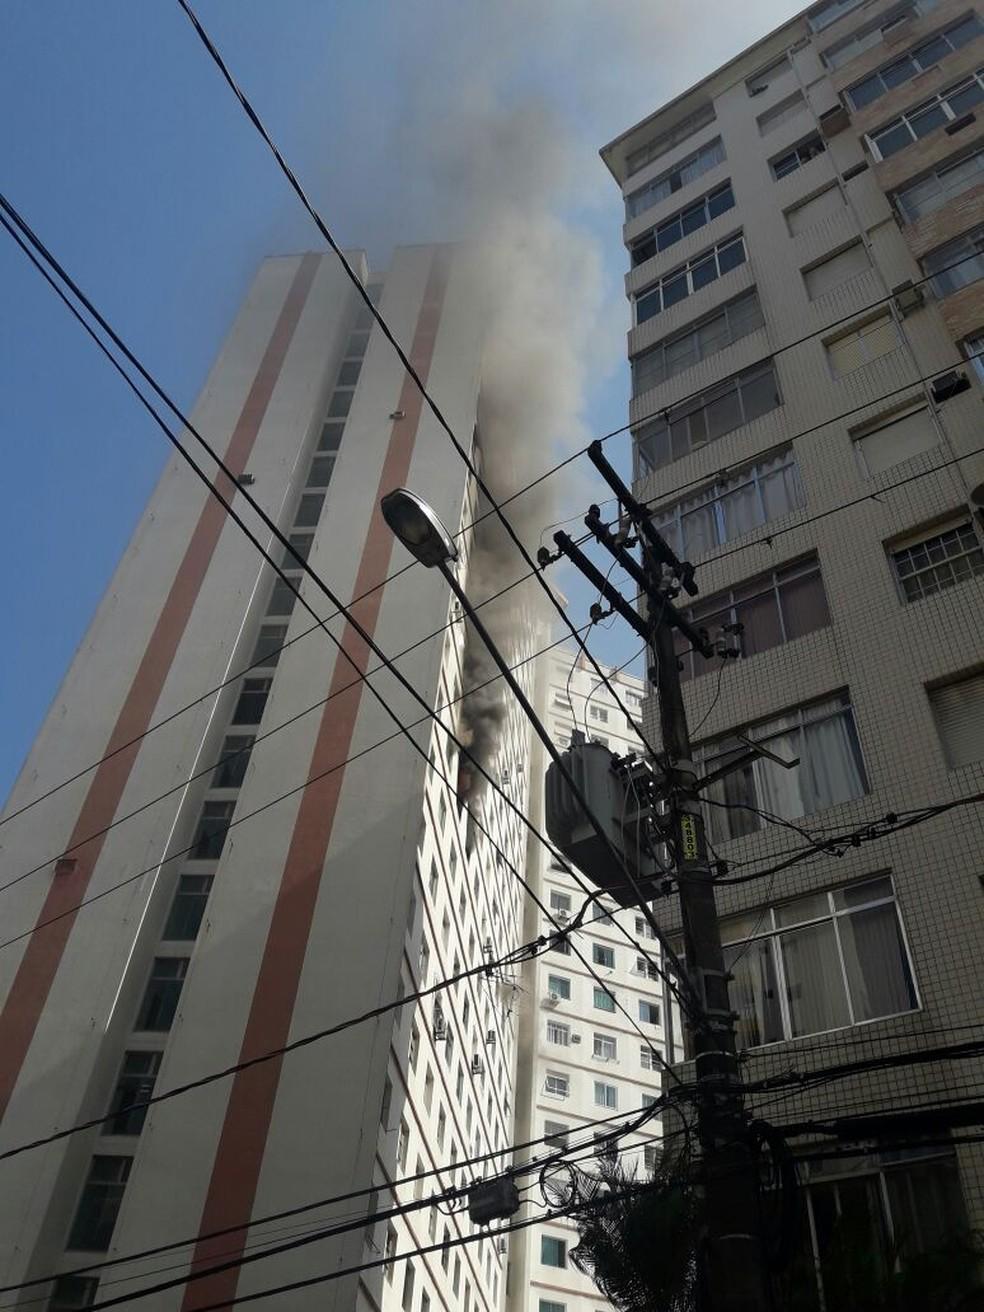 Incêndio atingiu apartamento em condomínio em frente à praia de Santos, SP (Foto: Claudete Oliveira/VC no G1)